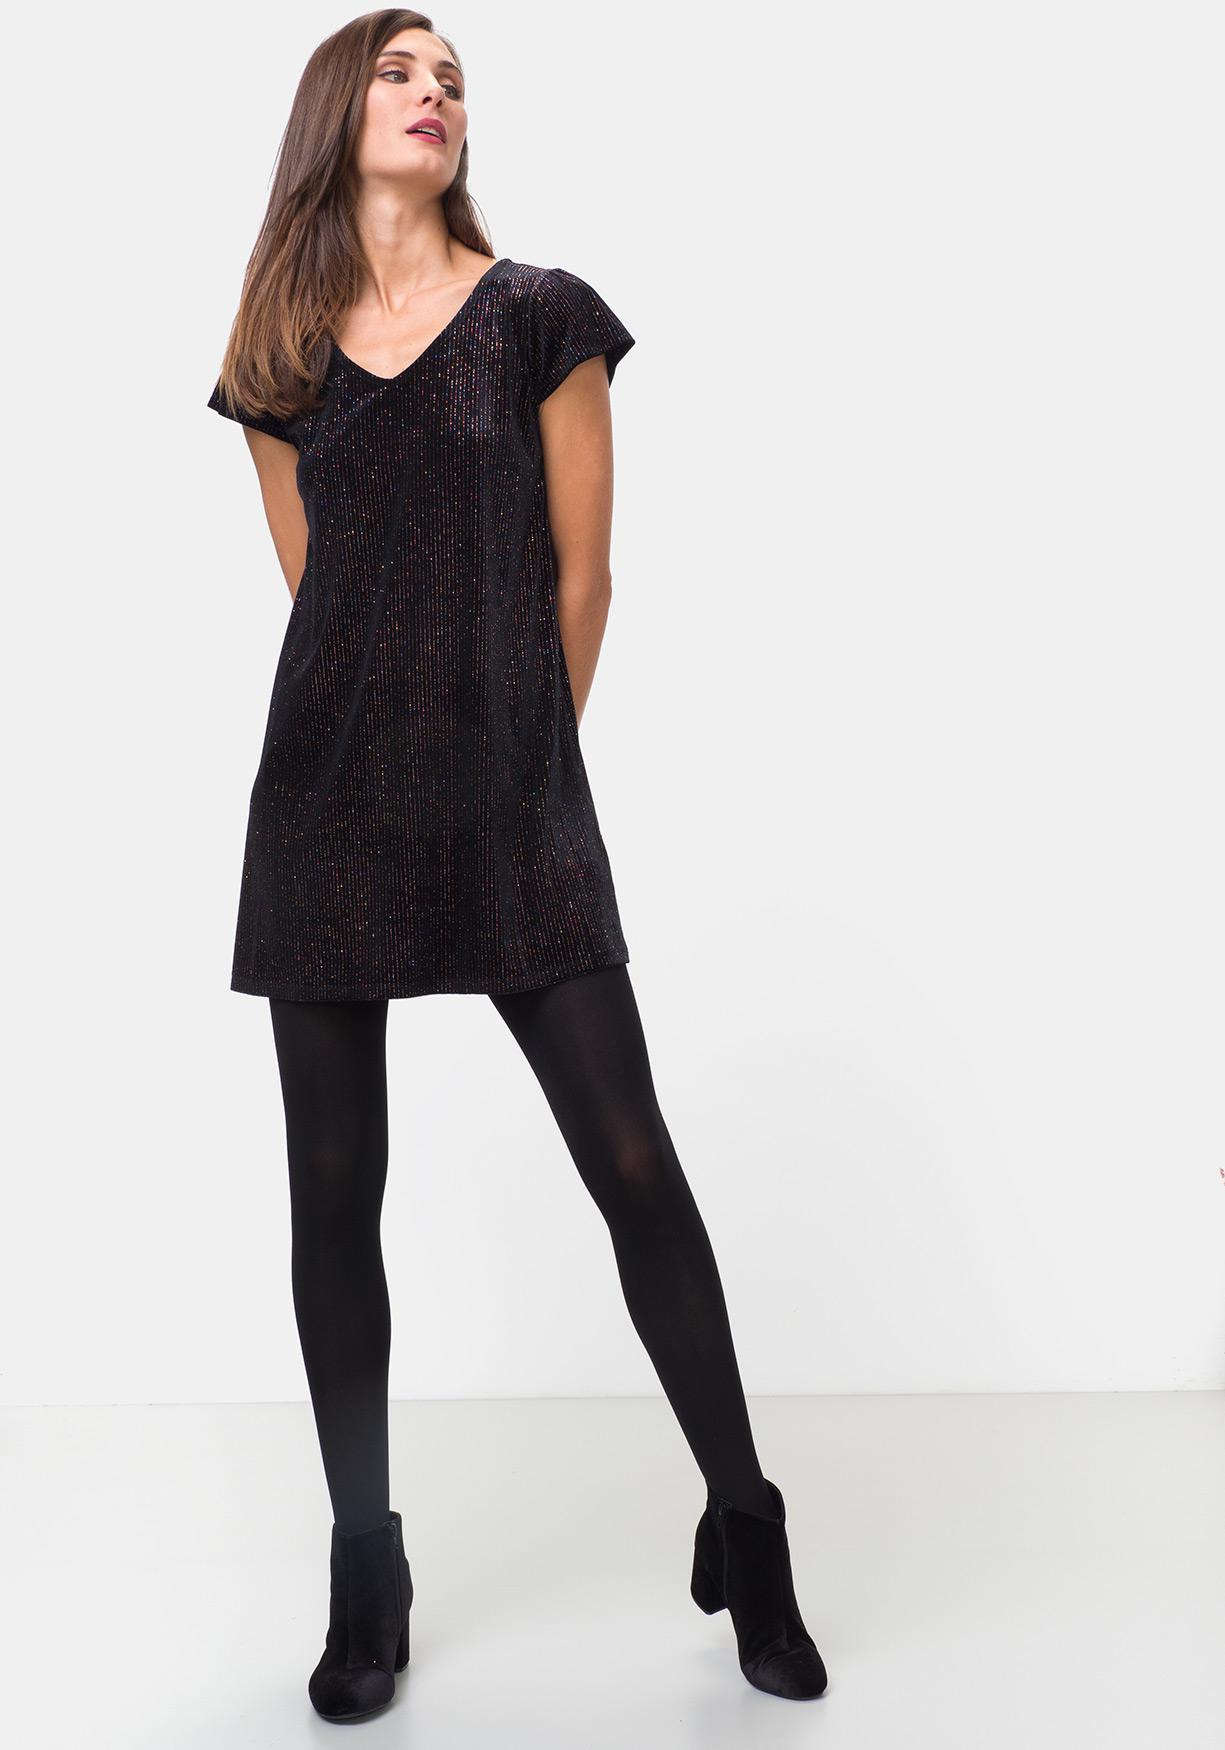 fe0b2c94 Comprar Vestido corto con rayas TEX. ¡Aprovéchate de nuestros ...